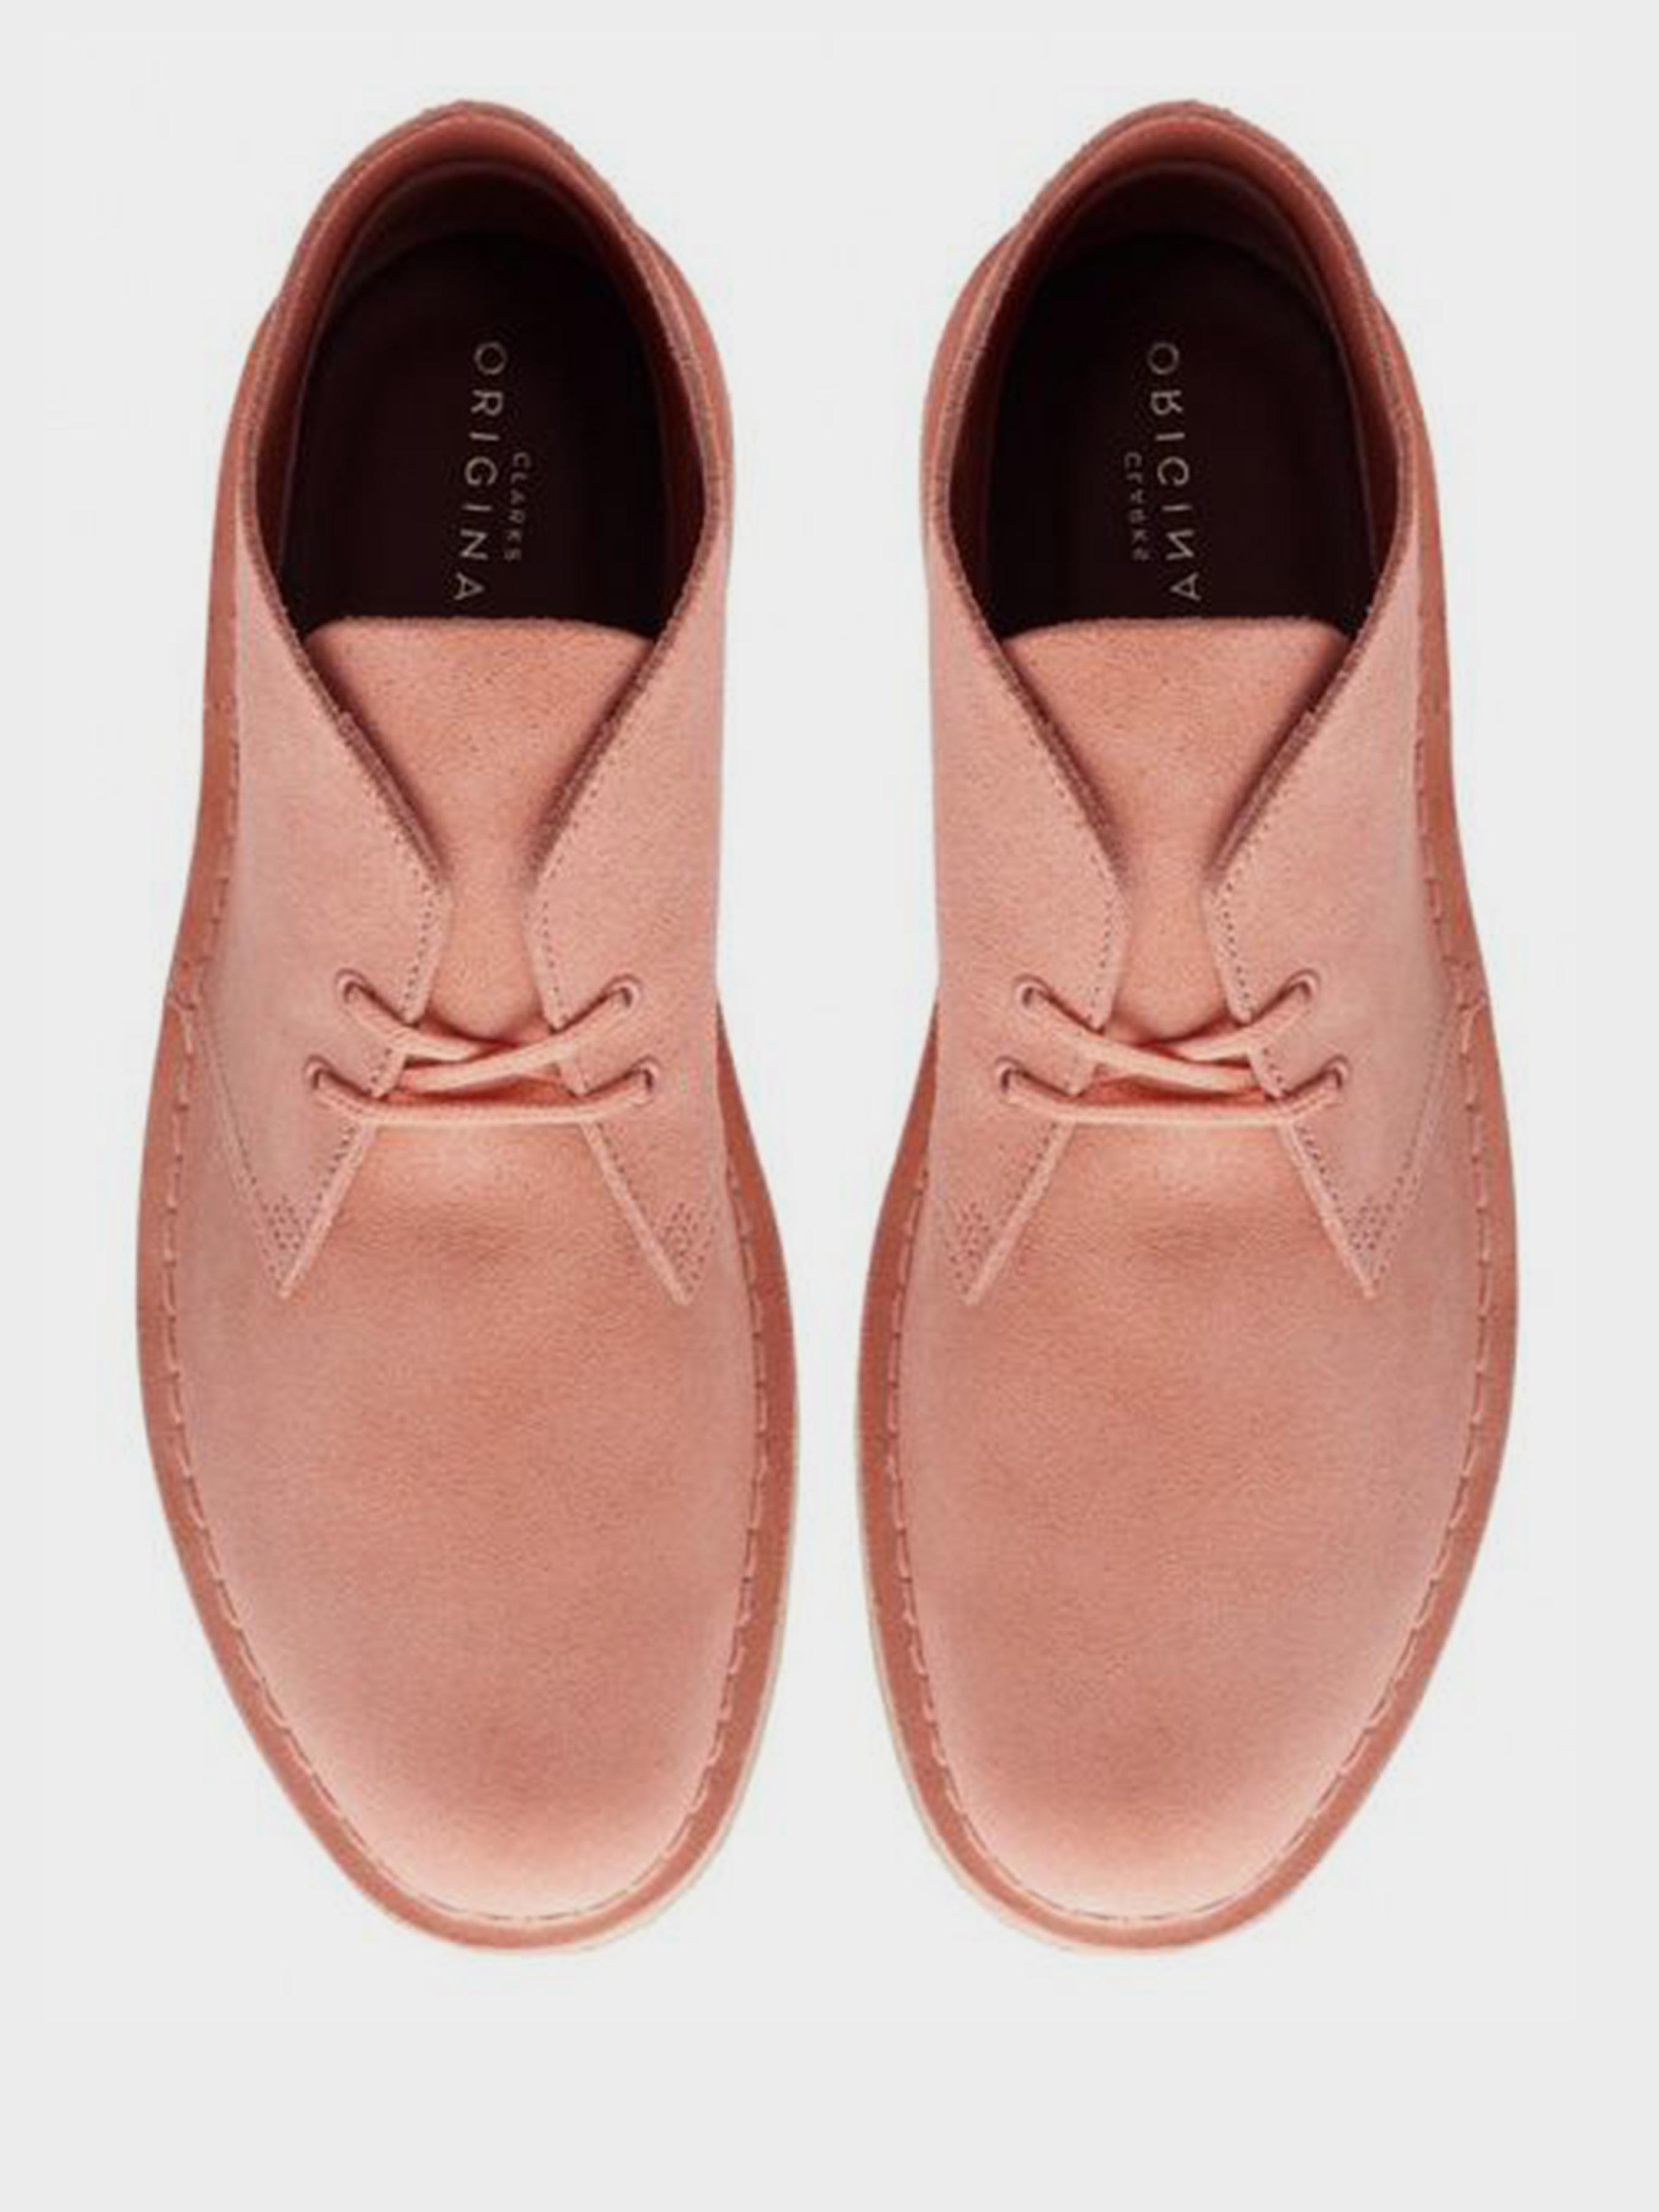 Ботинки для женщин Clarks Desert Boot. OW4391 купить в Интертоп, 2017